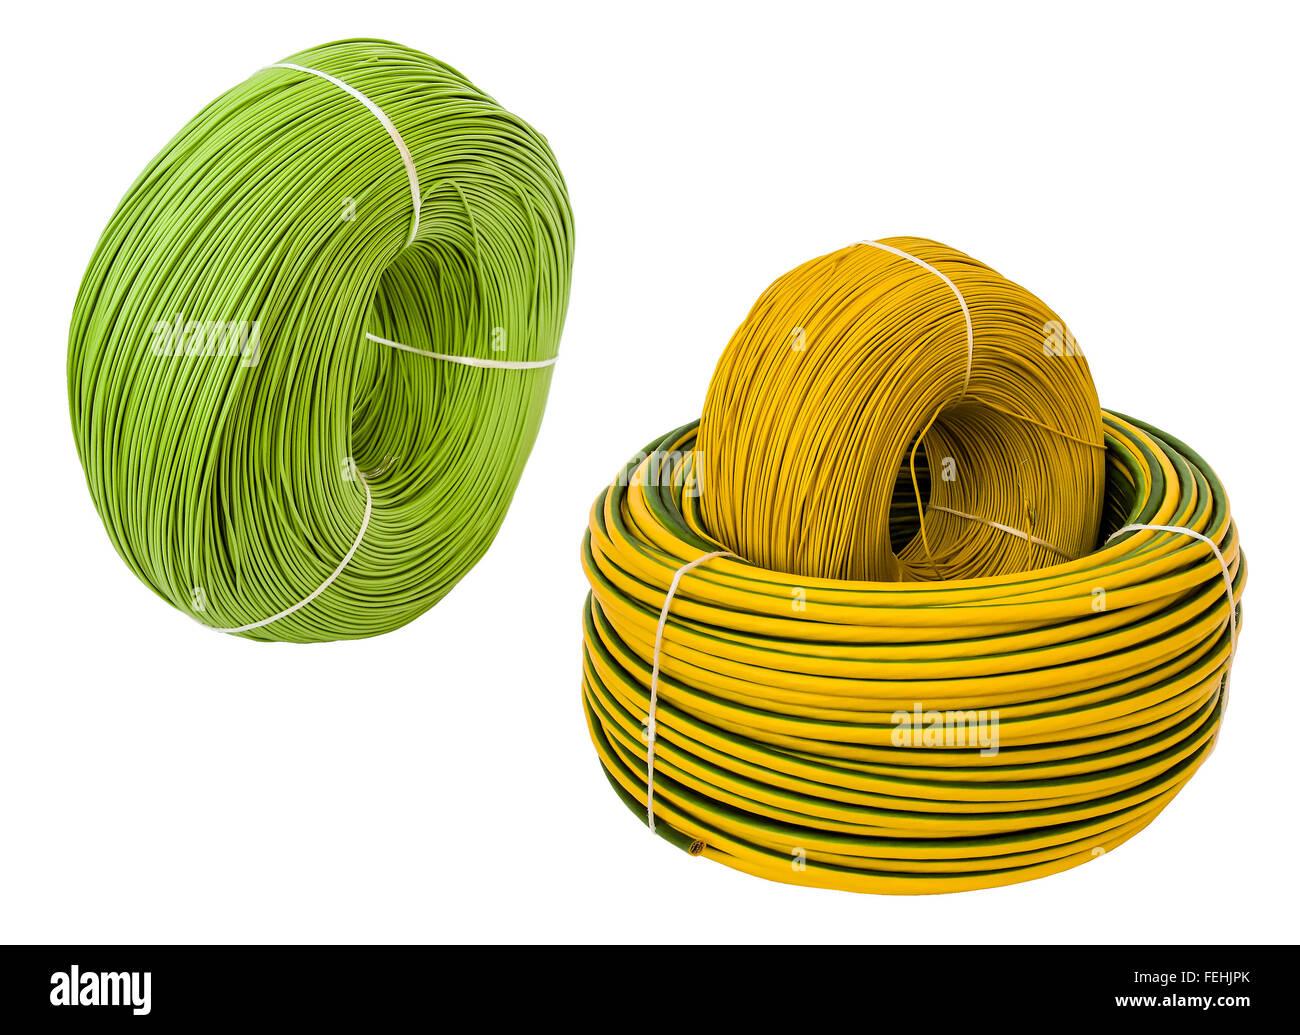 Farbige Elektrokabel coil roll green wire on stockfotos coil roll green wire on bilder